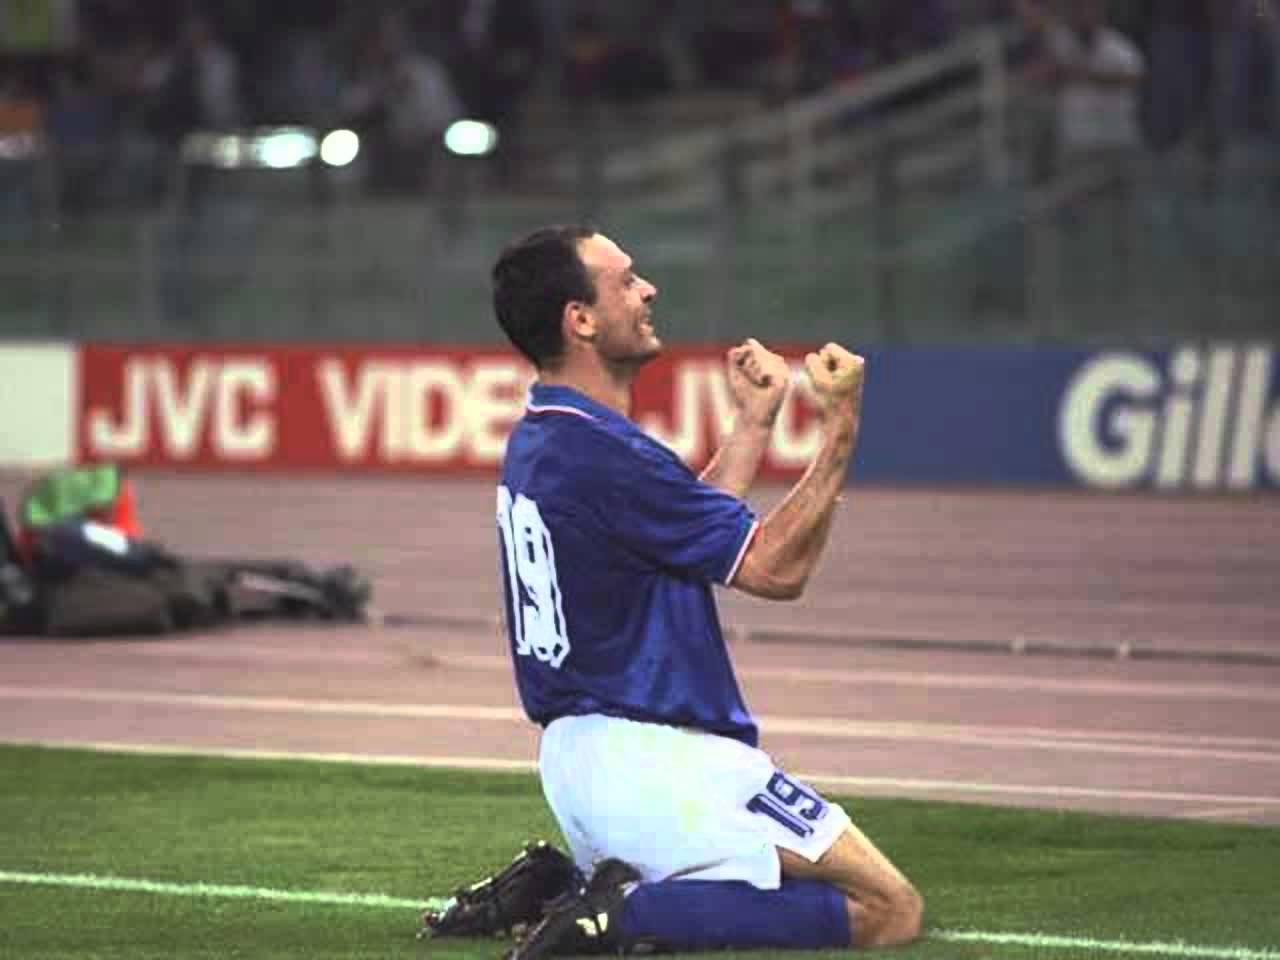 يعد سكيلاتشي آخر هداف إيطالي في البطولة الكبرى